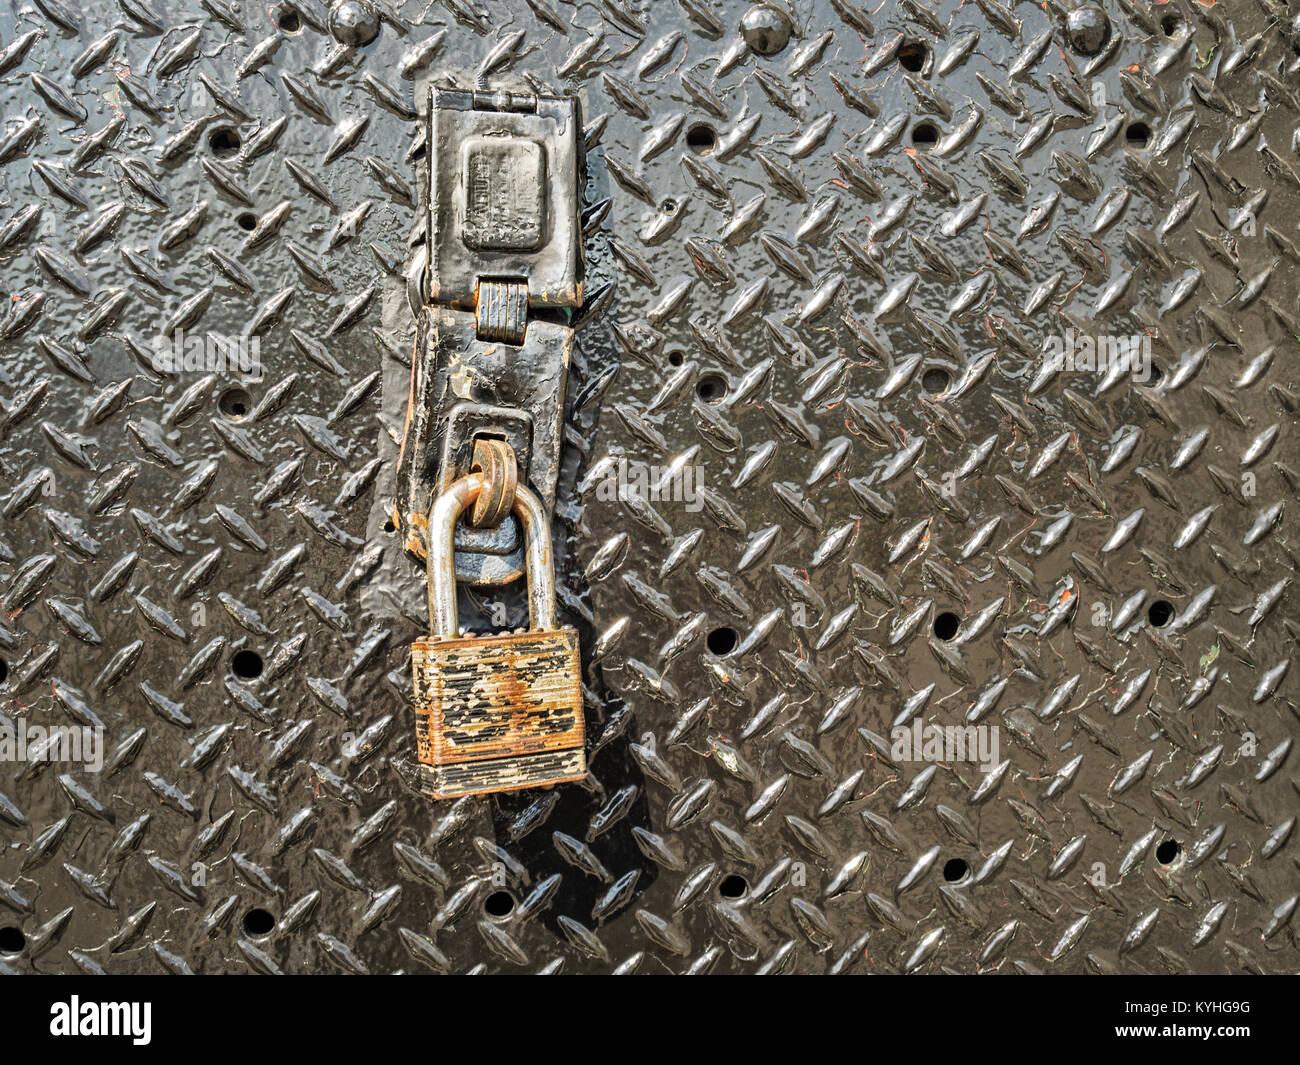 Vieux fer rouillé cadenas metal porte comme symbole de protection sécurité sécurité des données sécurisées, idée Banque D'Images